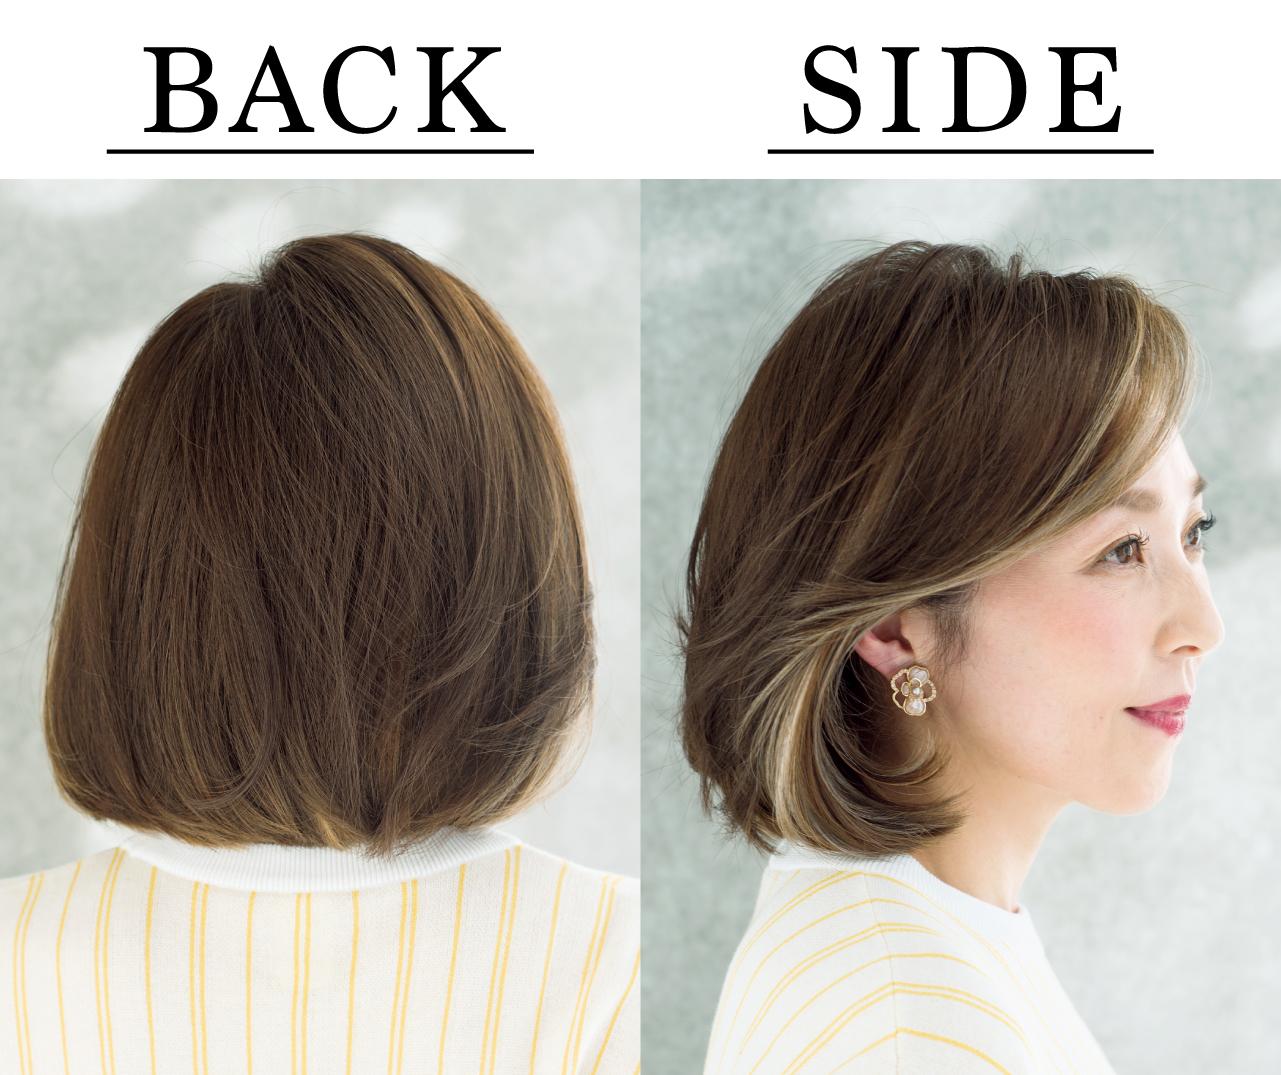 間宮秀子さん Side Back